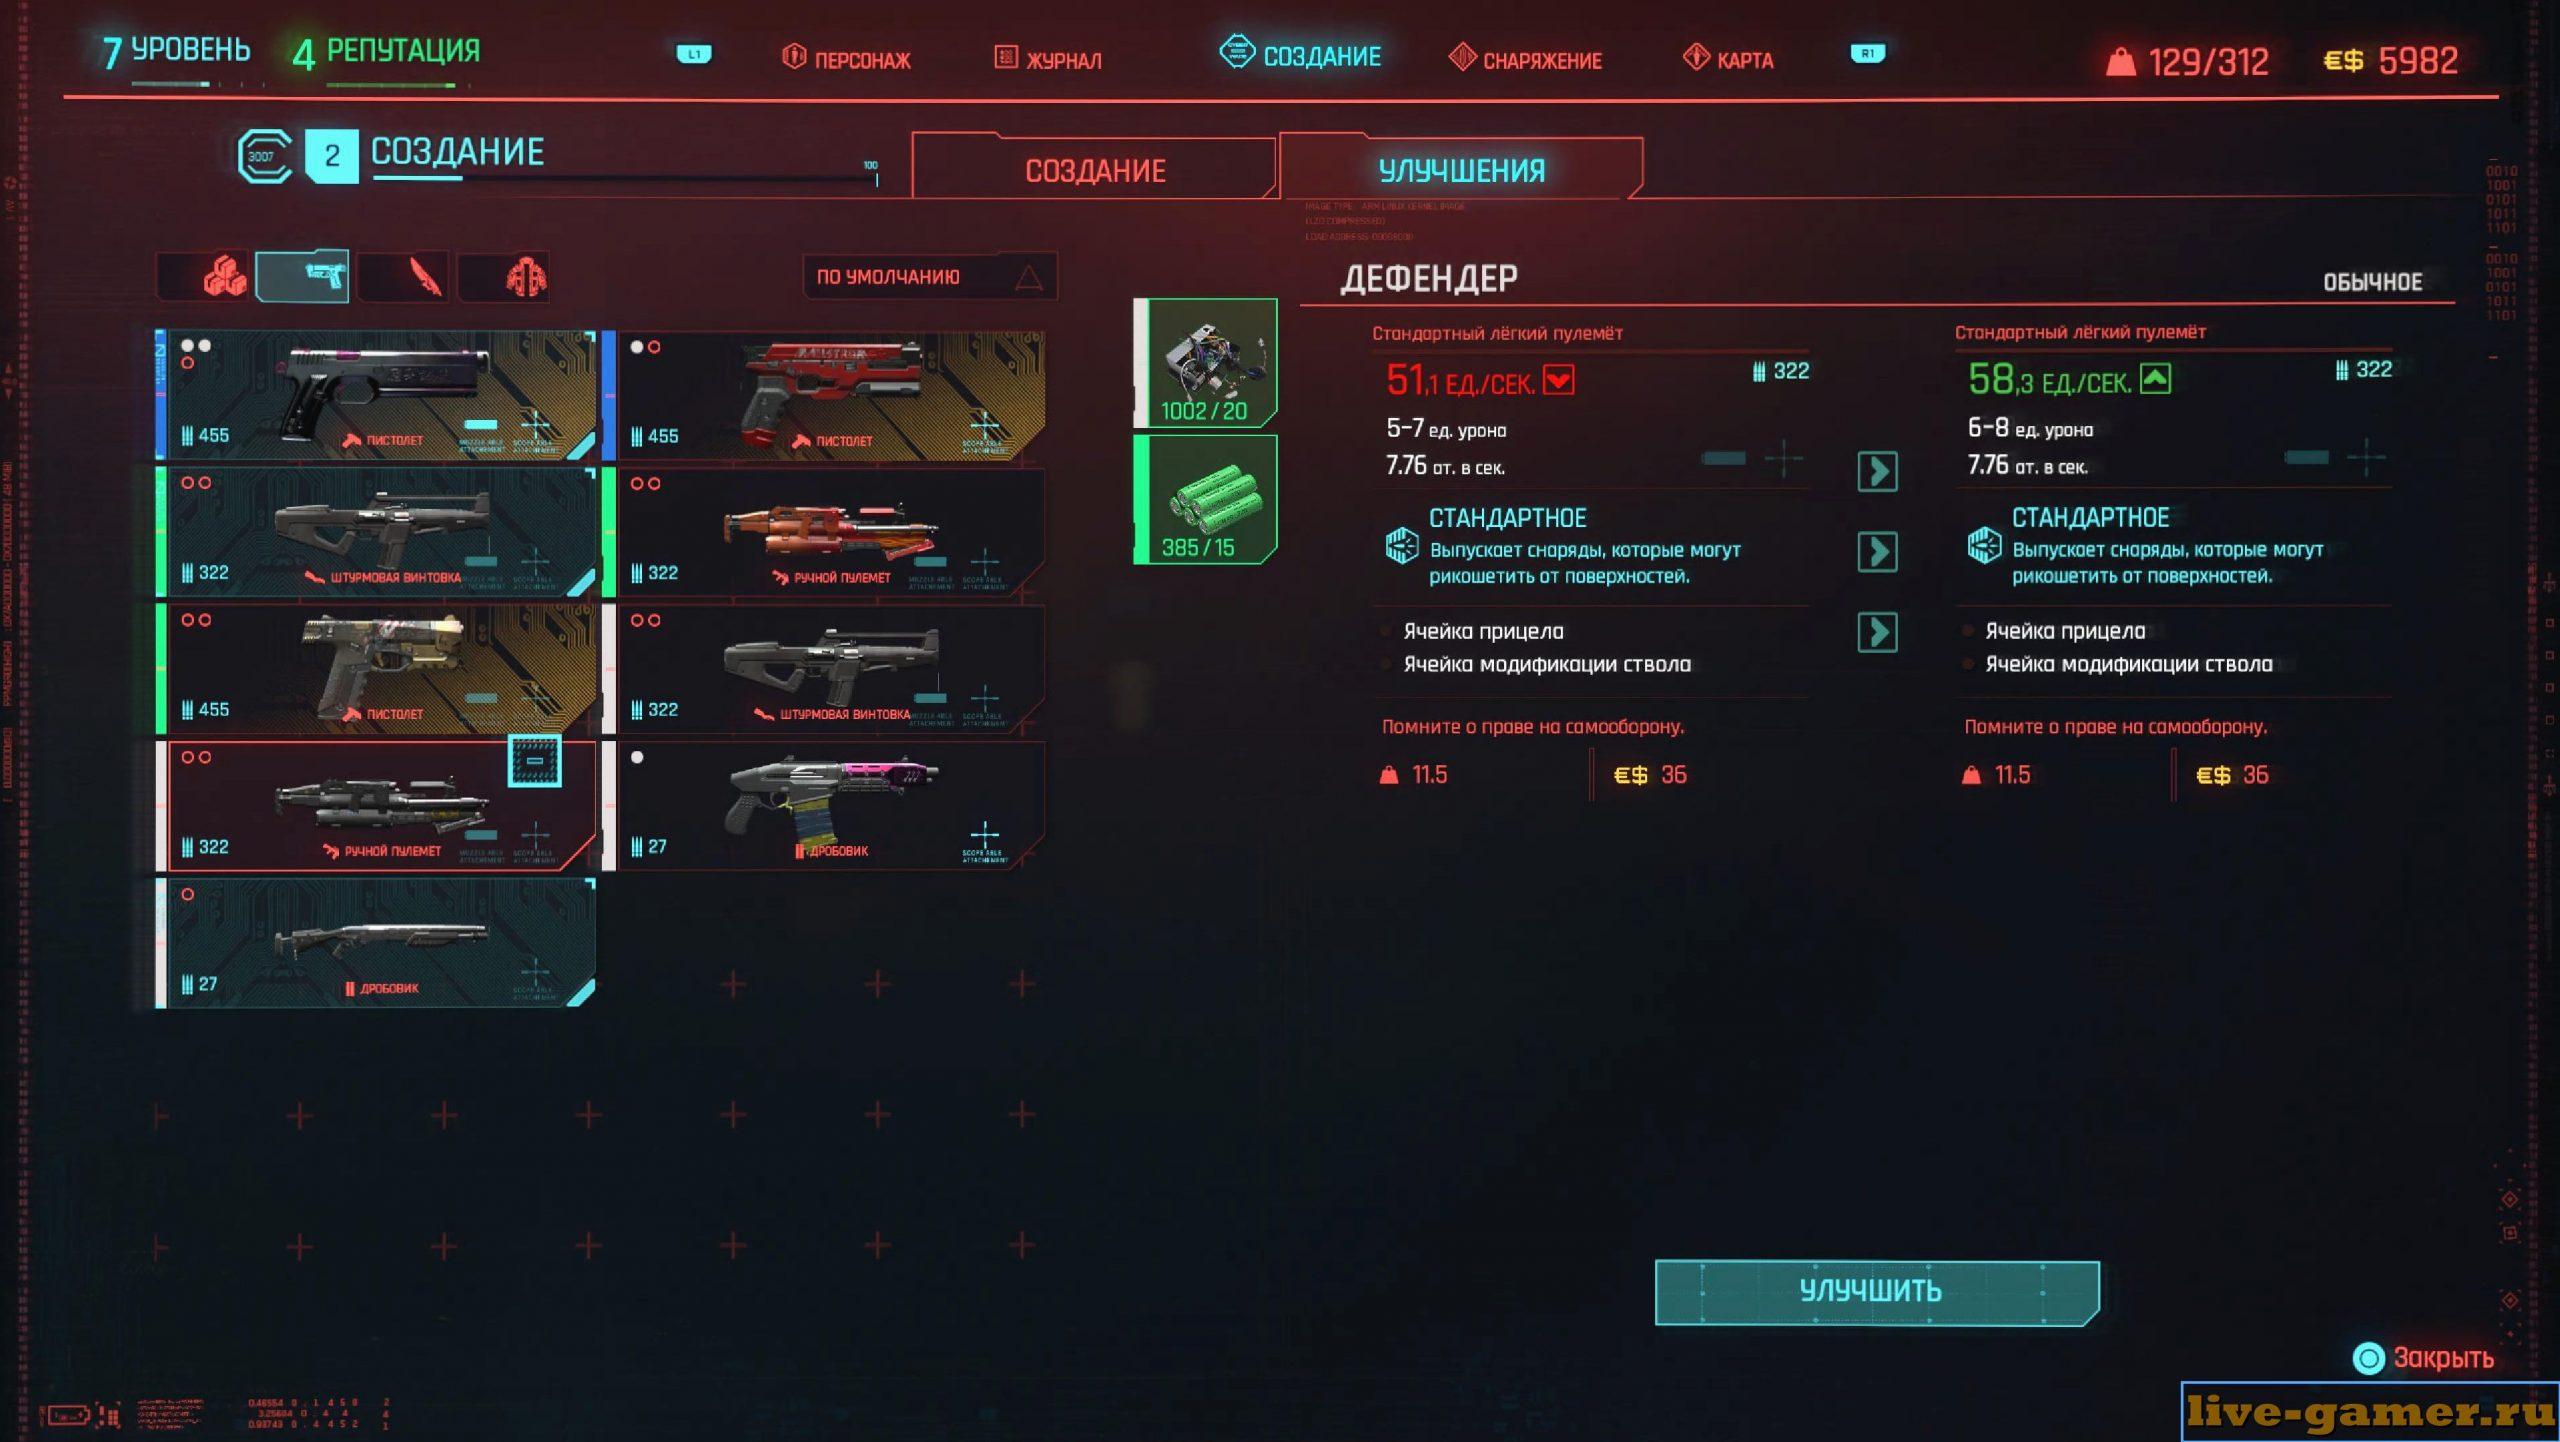 Как улучшить оружие в Cyberpunk 2077